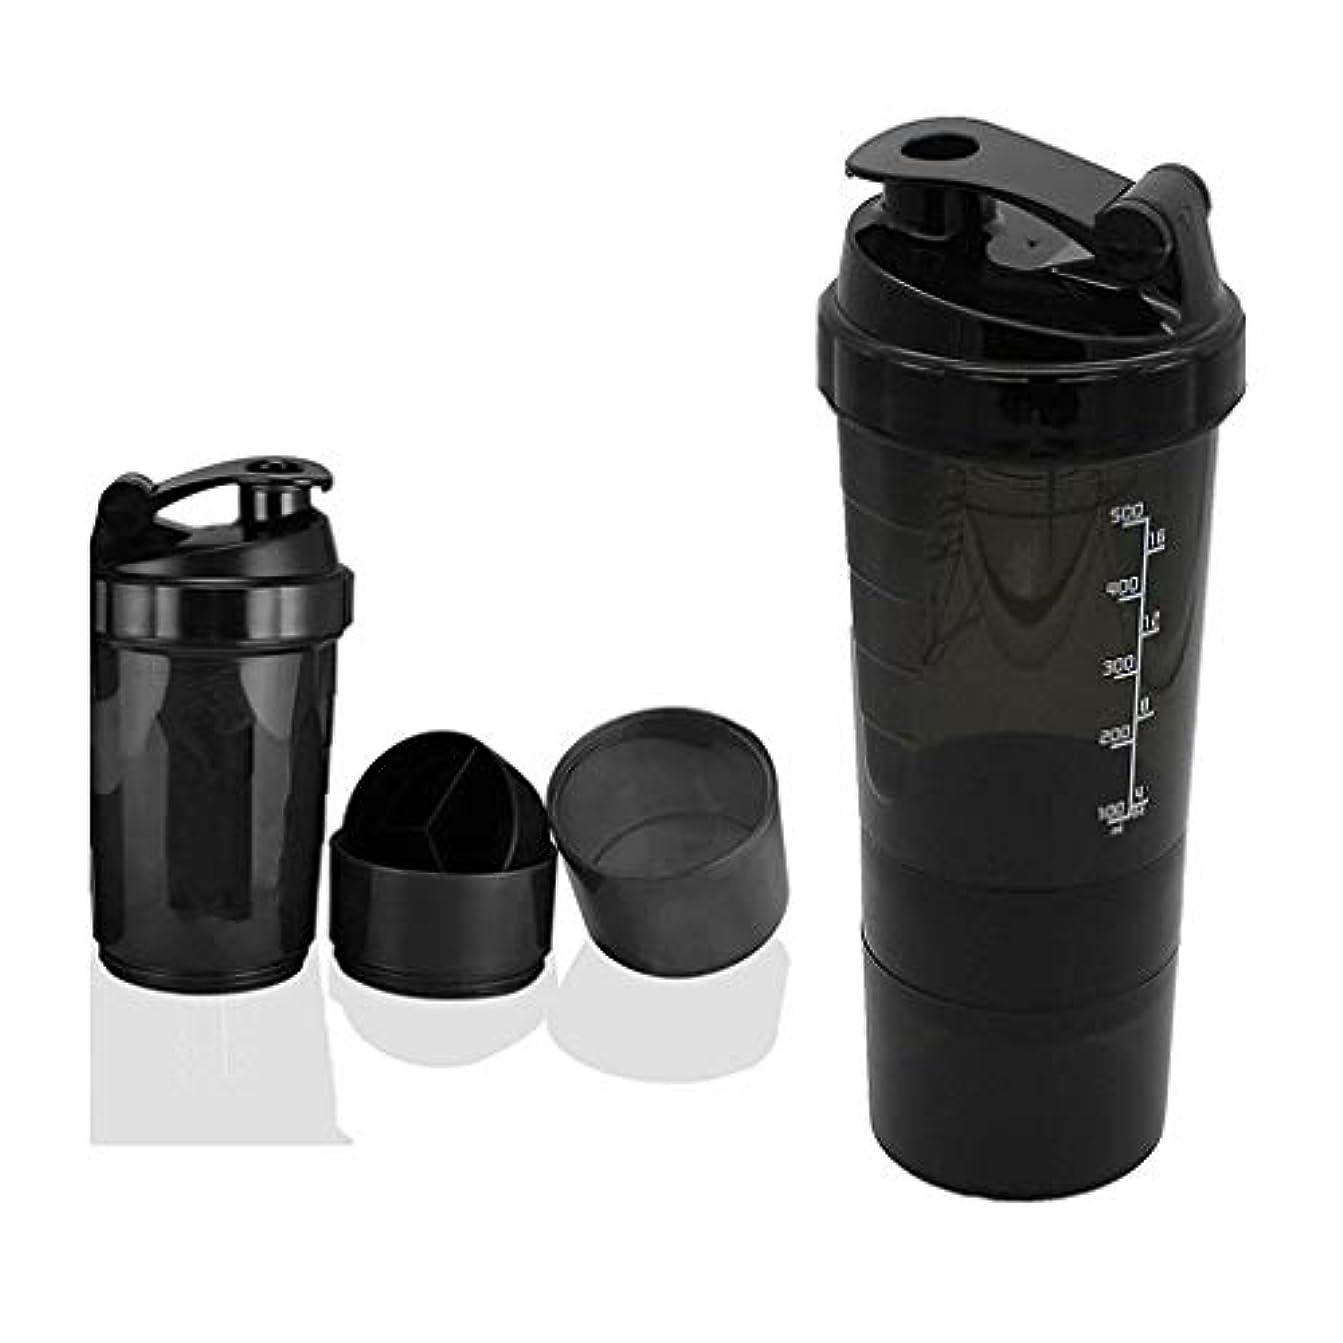 単位ポンペイひそかにuzinby(黒色)プロテインシェーカー 栄養錠剤ビタミン入れ ダイエットドリンク用 タンパク質パウダーミキサーボルト 栄養補給 プロテイン 収納ケース 水筒 漏れ防止